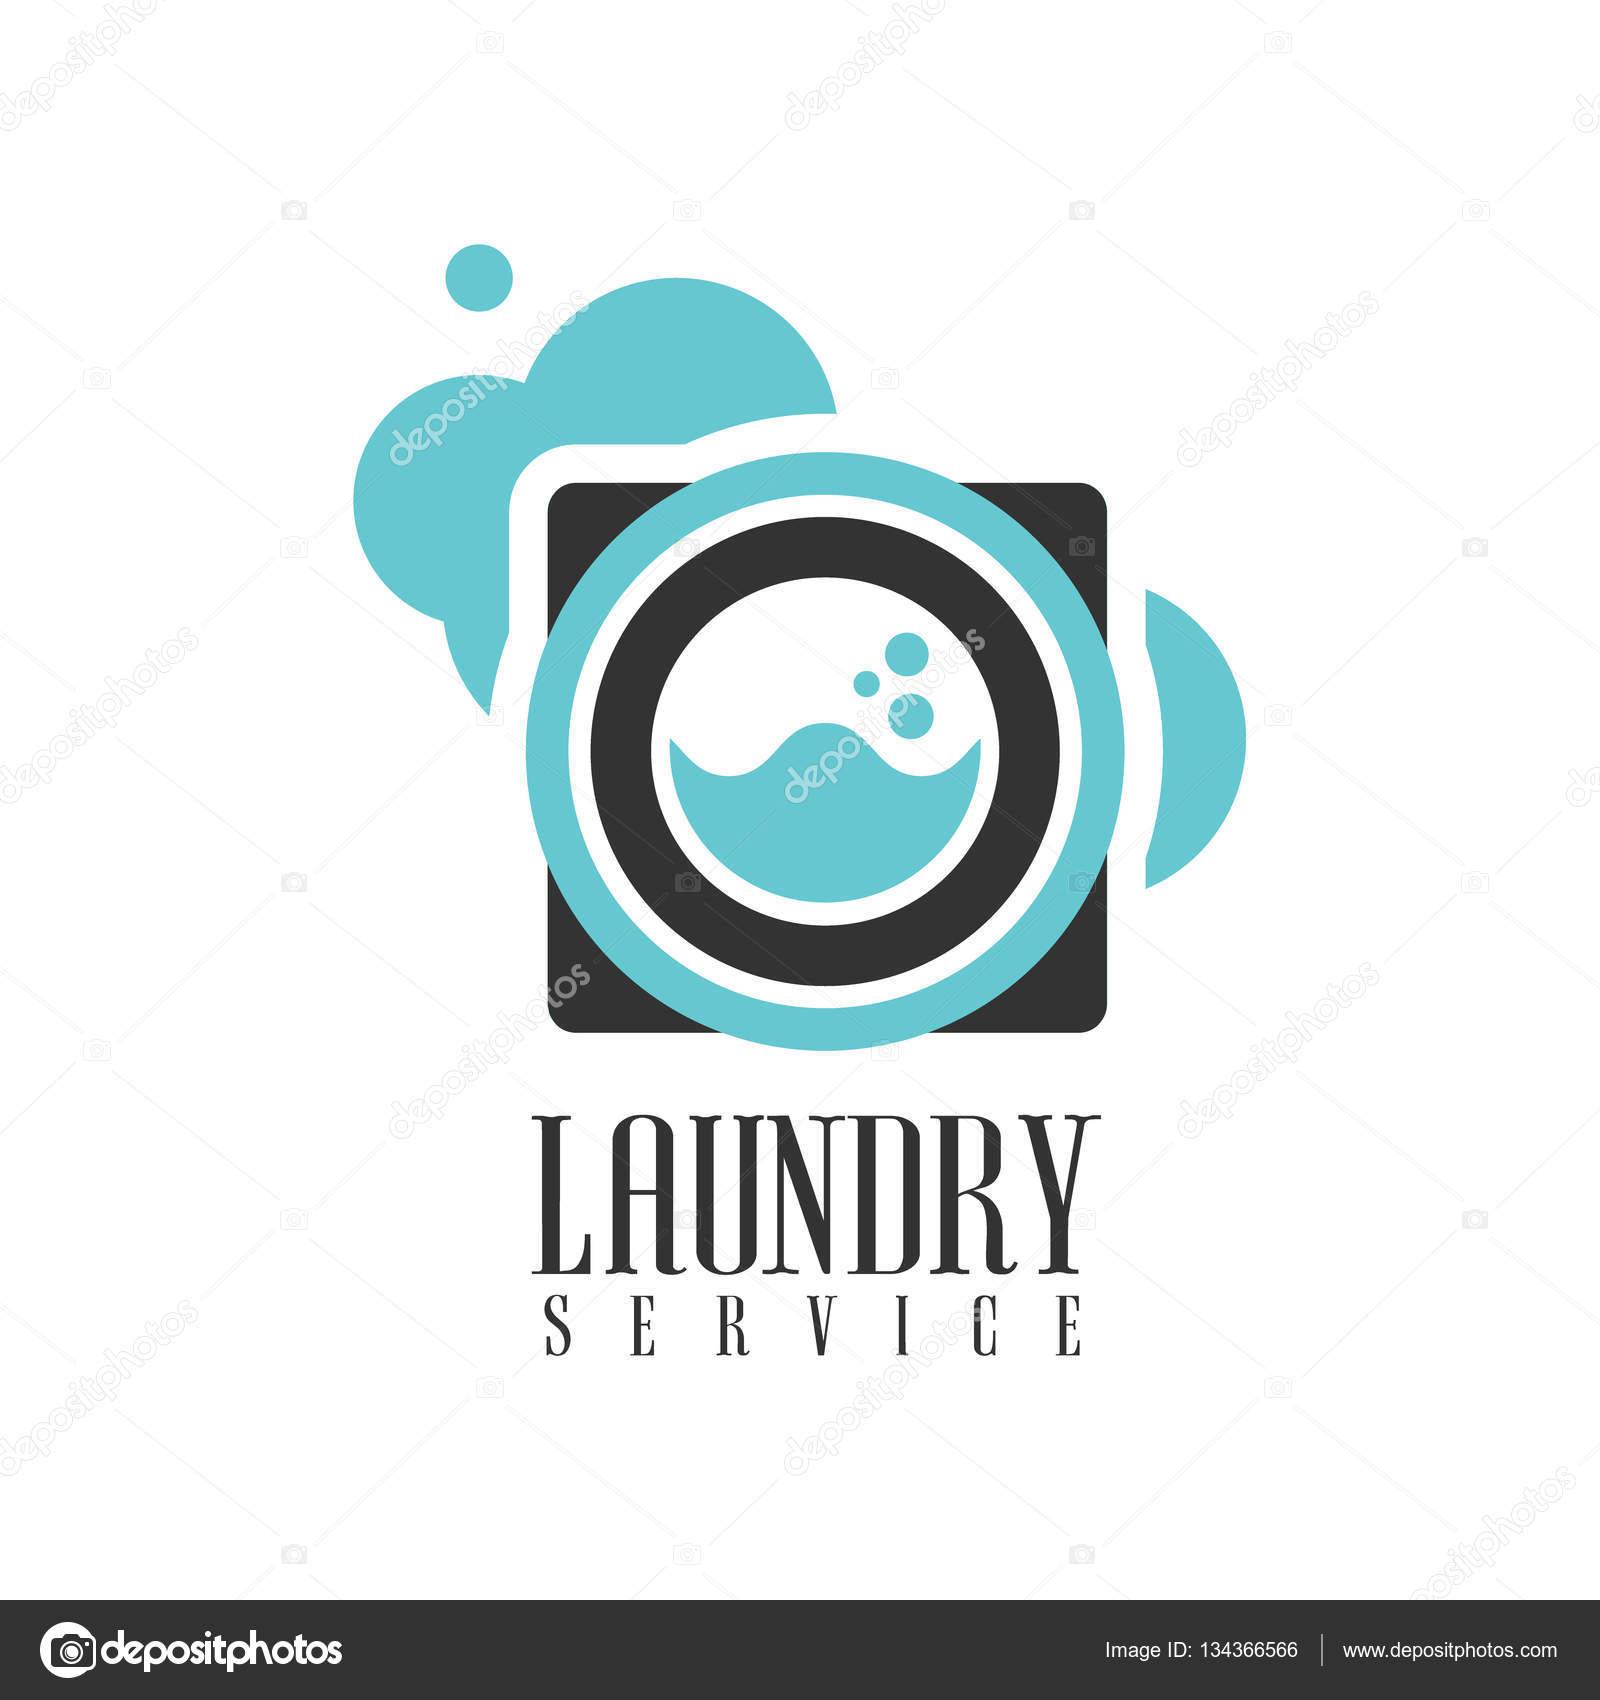 Haus und Büro Reinigung Service Verleih Logo Vorlage mit ...